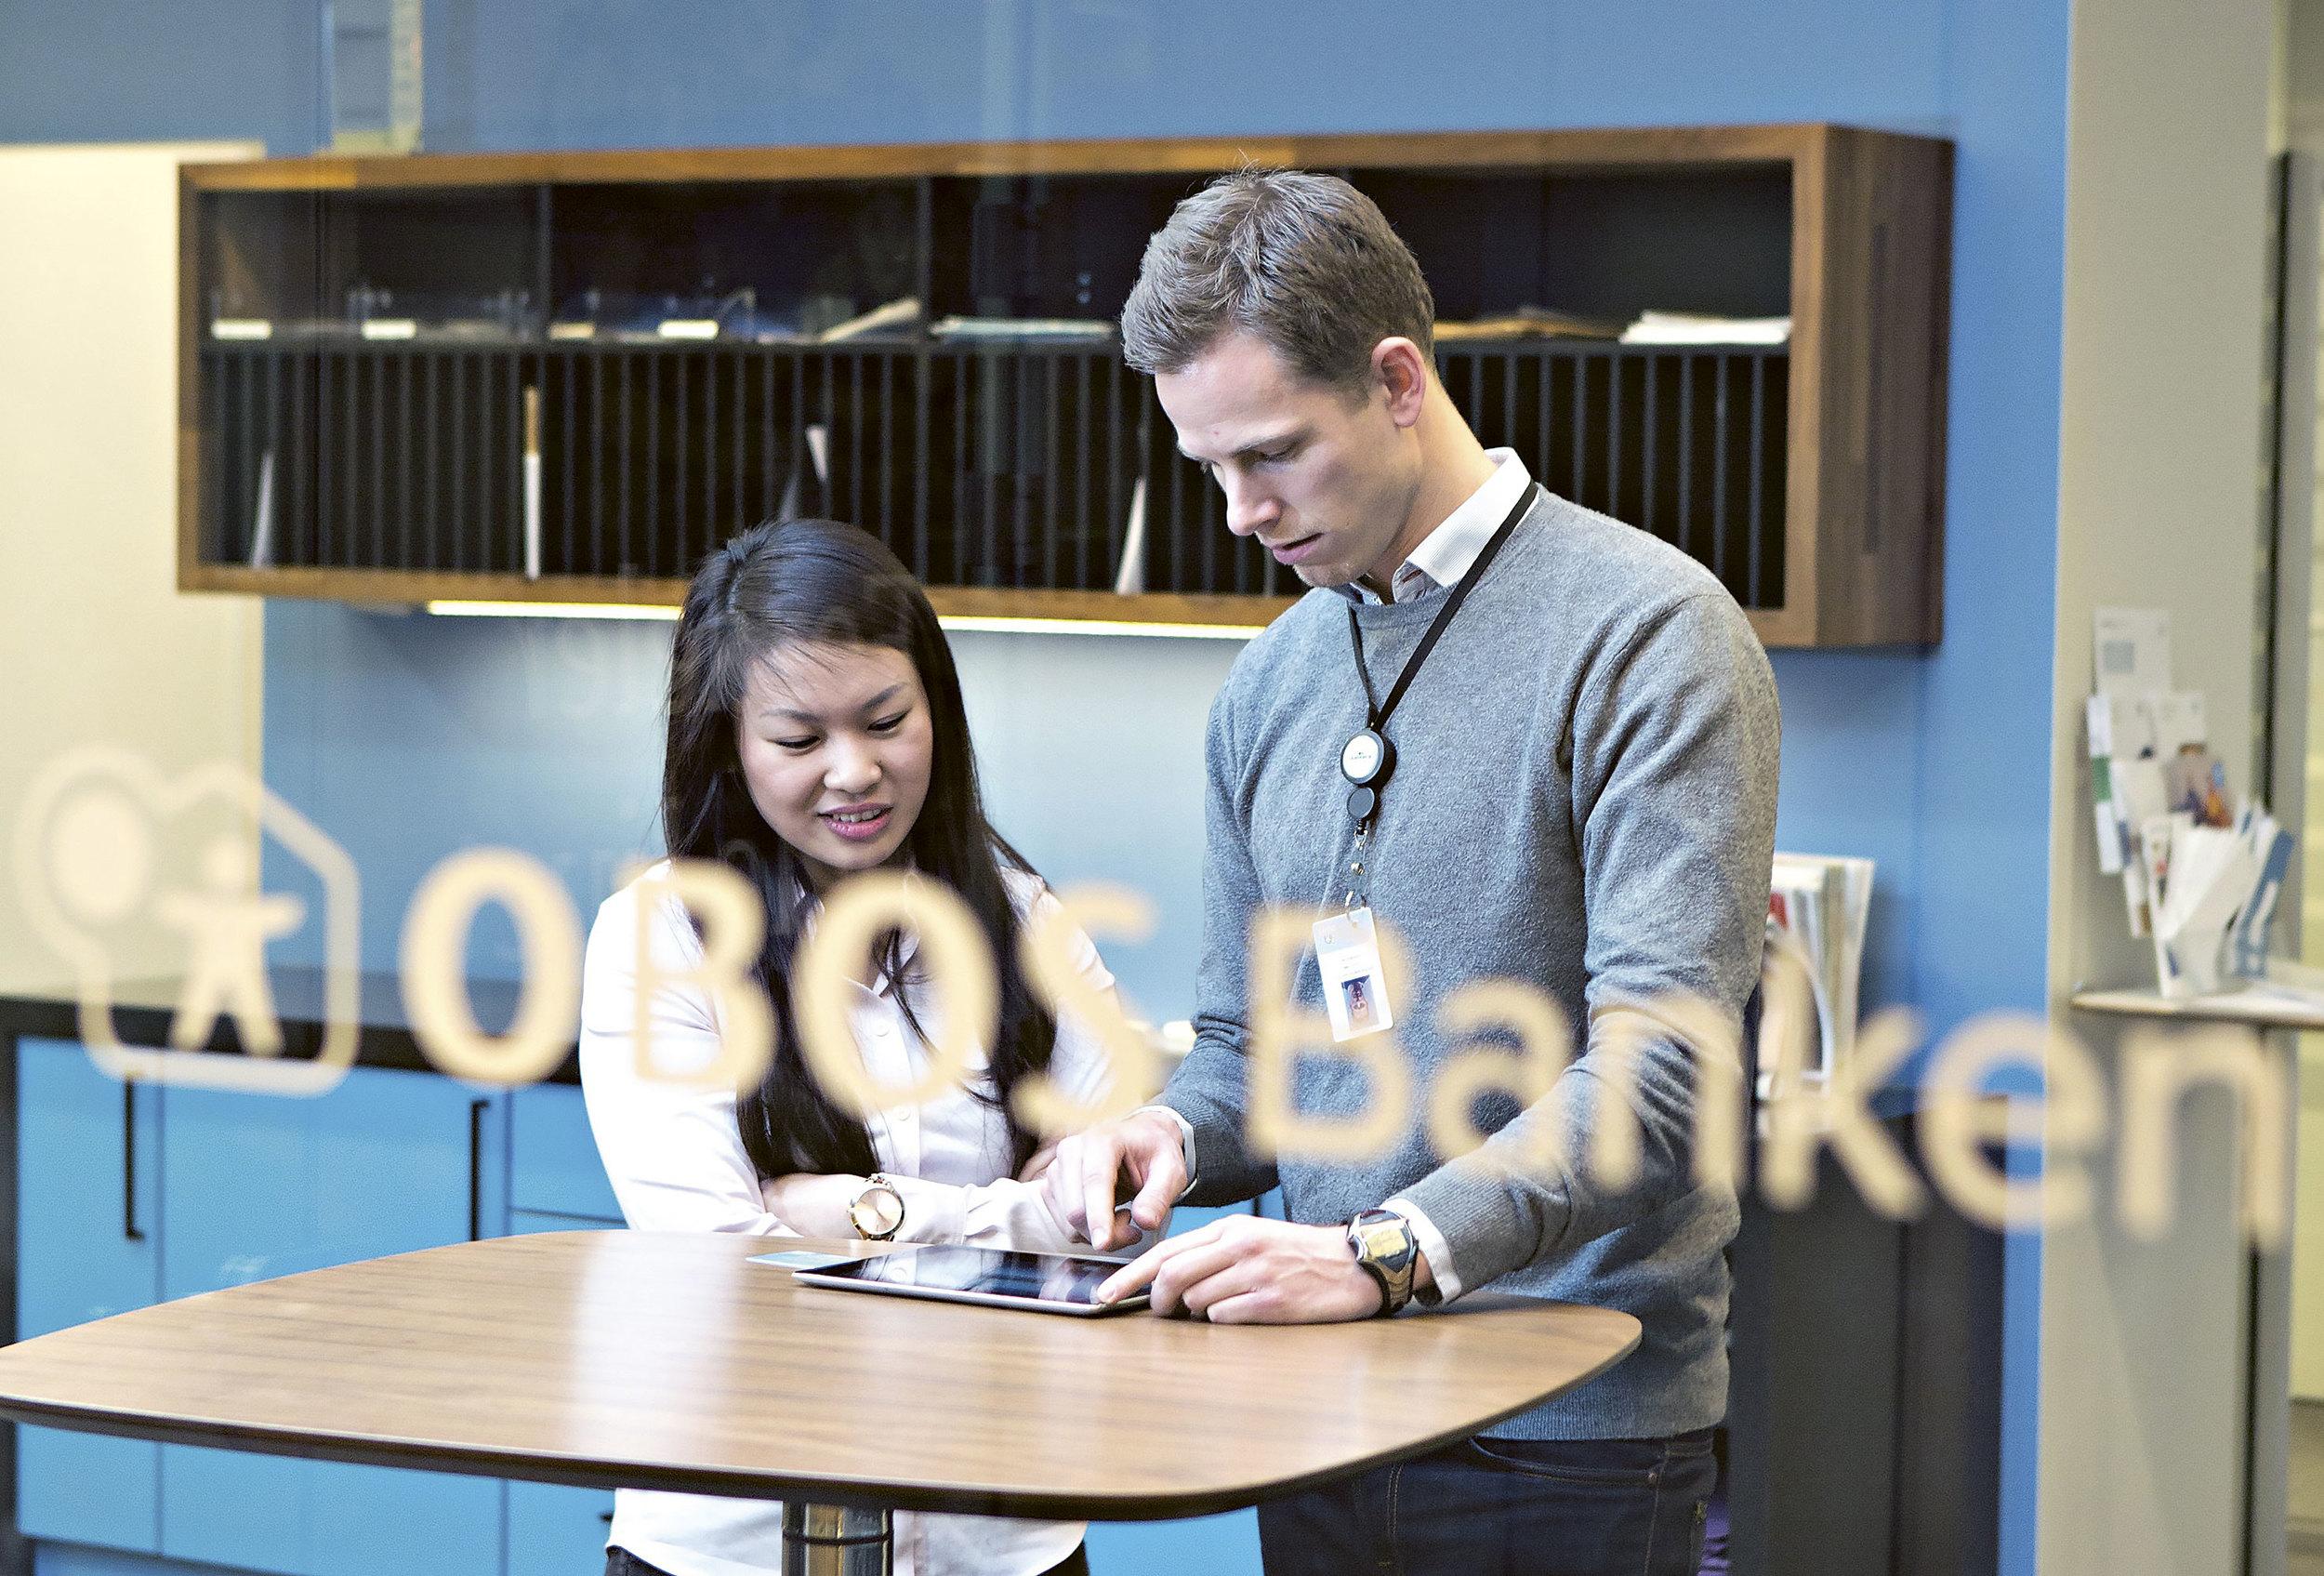 OBOS-banken lå stadig i toppsjiktet blant bankene med den beste boligrenten. Foto: Charlotte Wiig